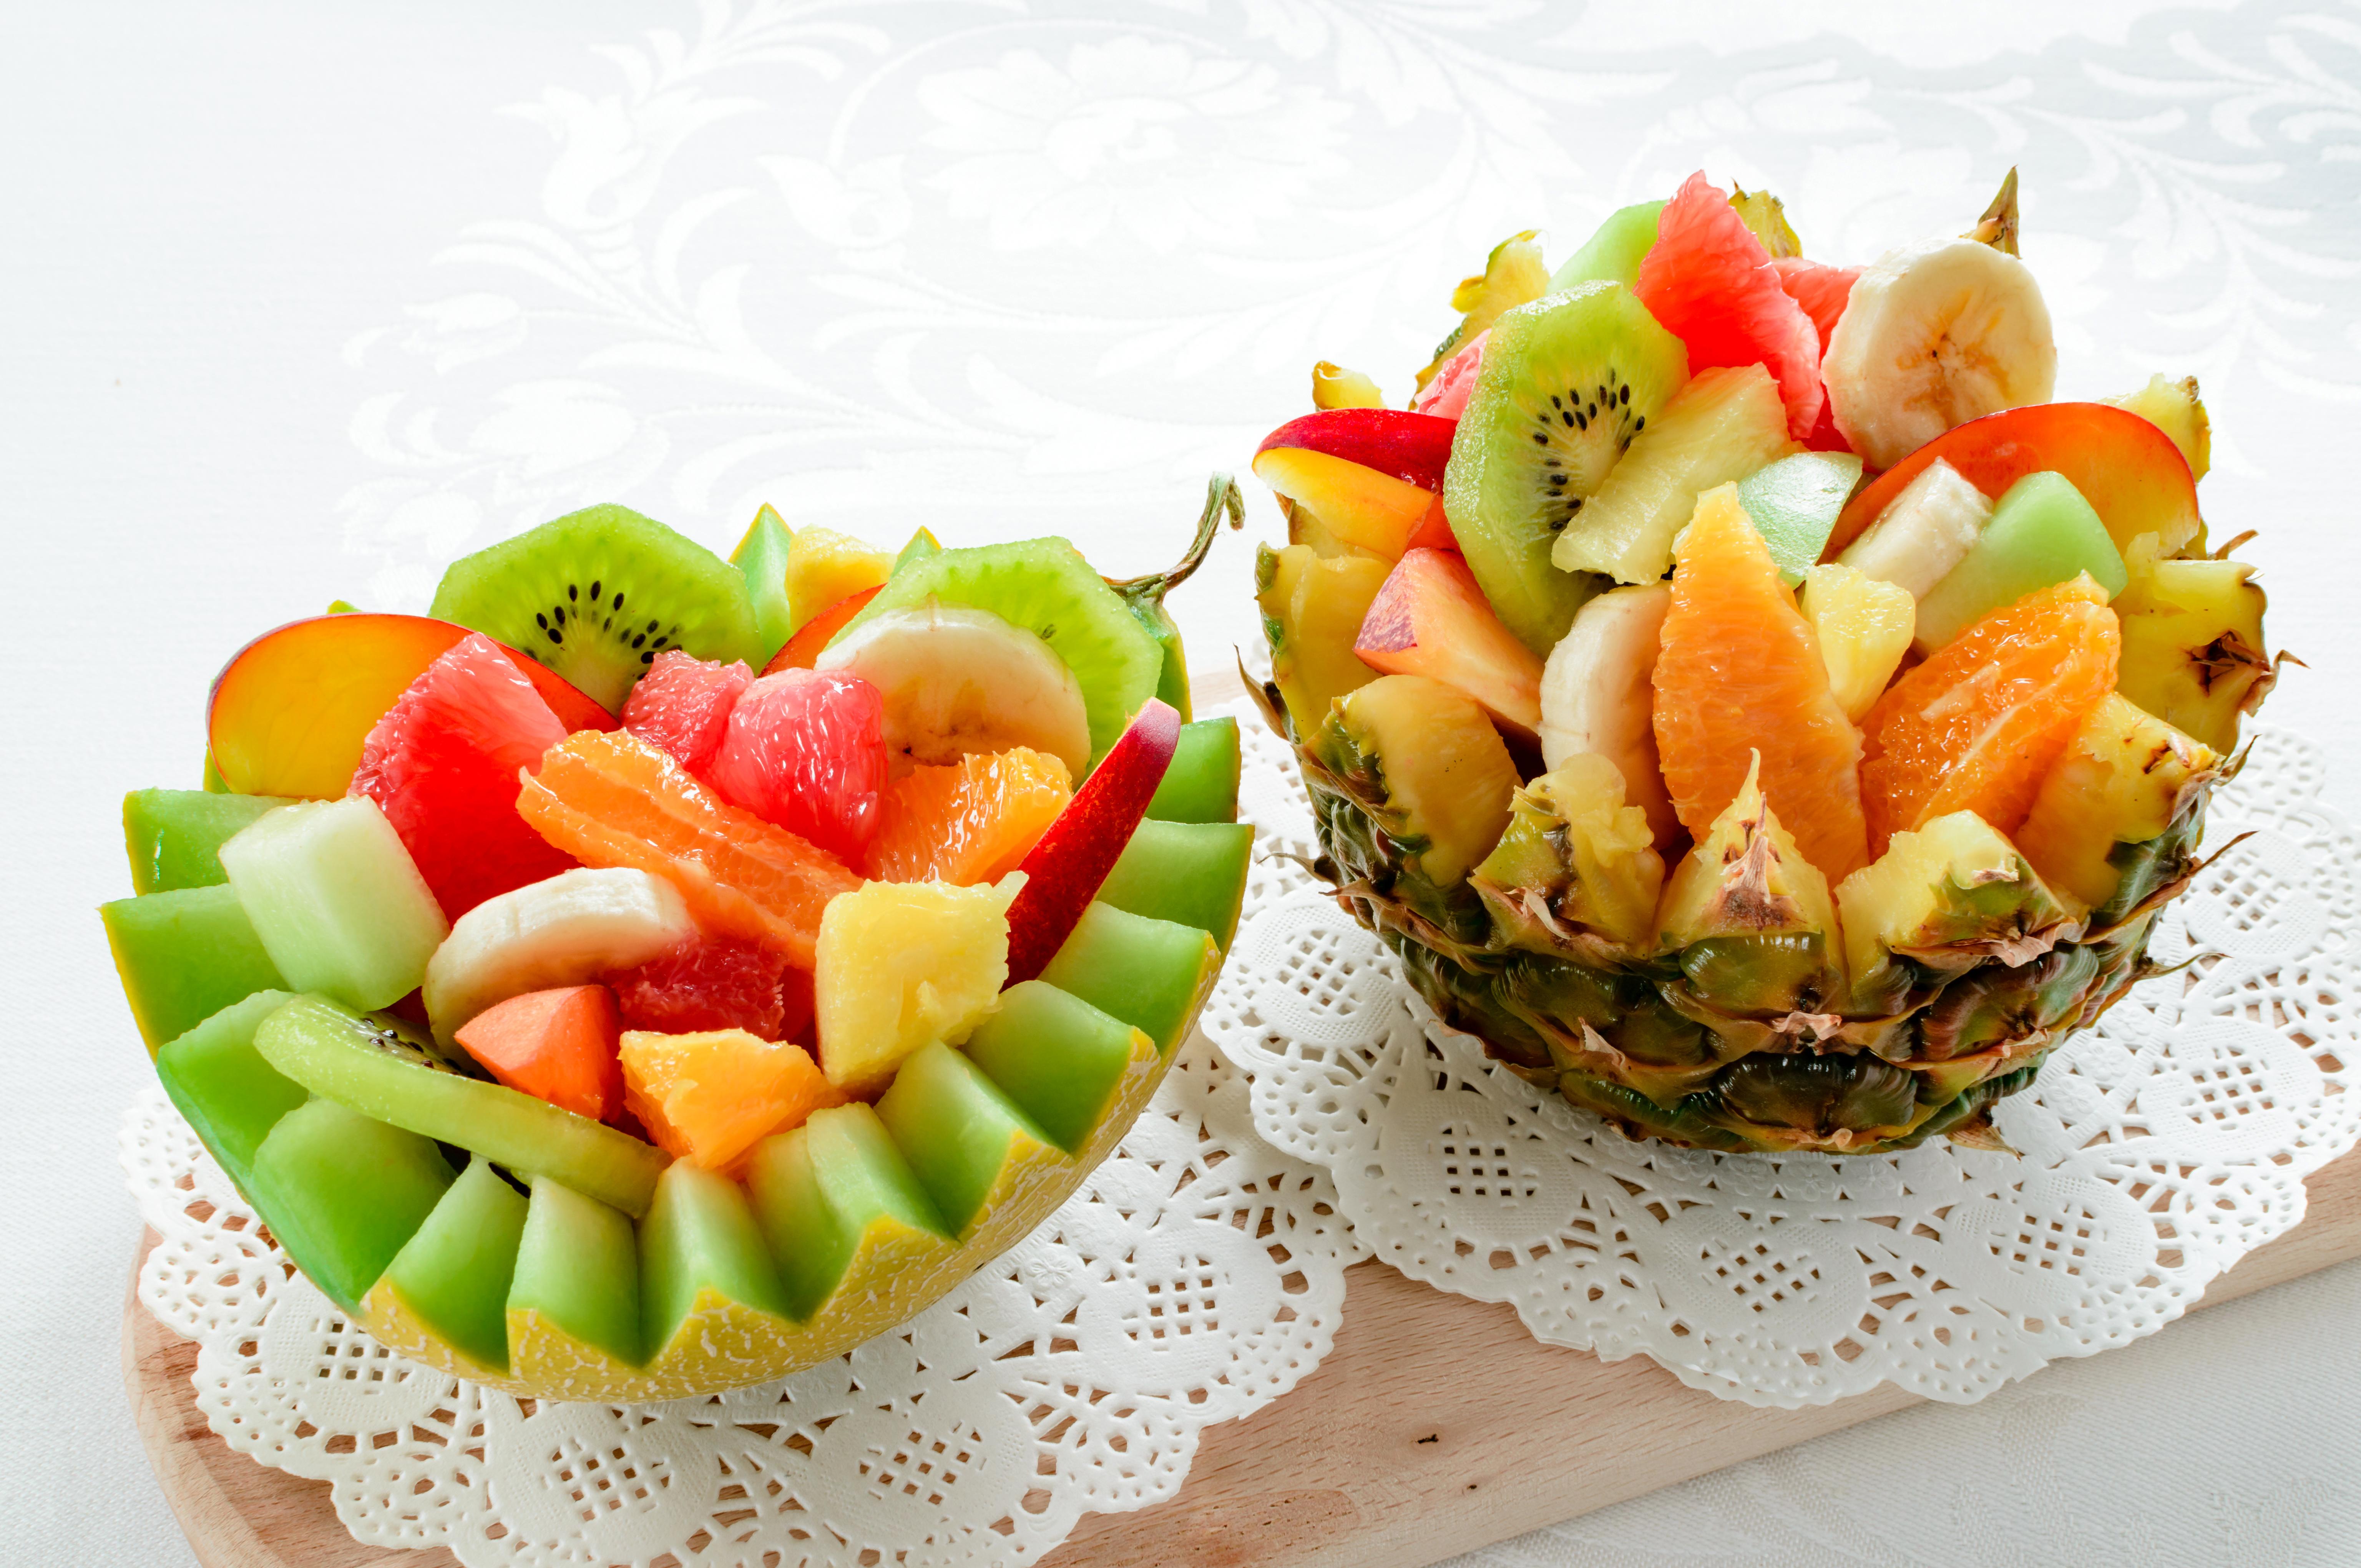 салаты в картинках ананас проверенными нами отзывами